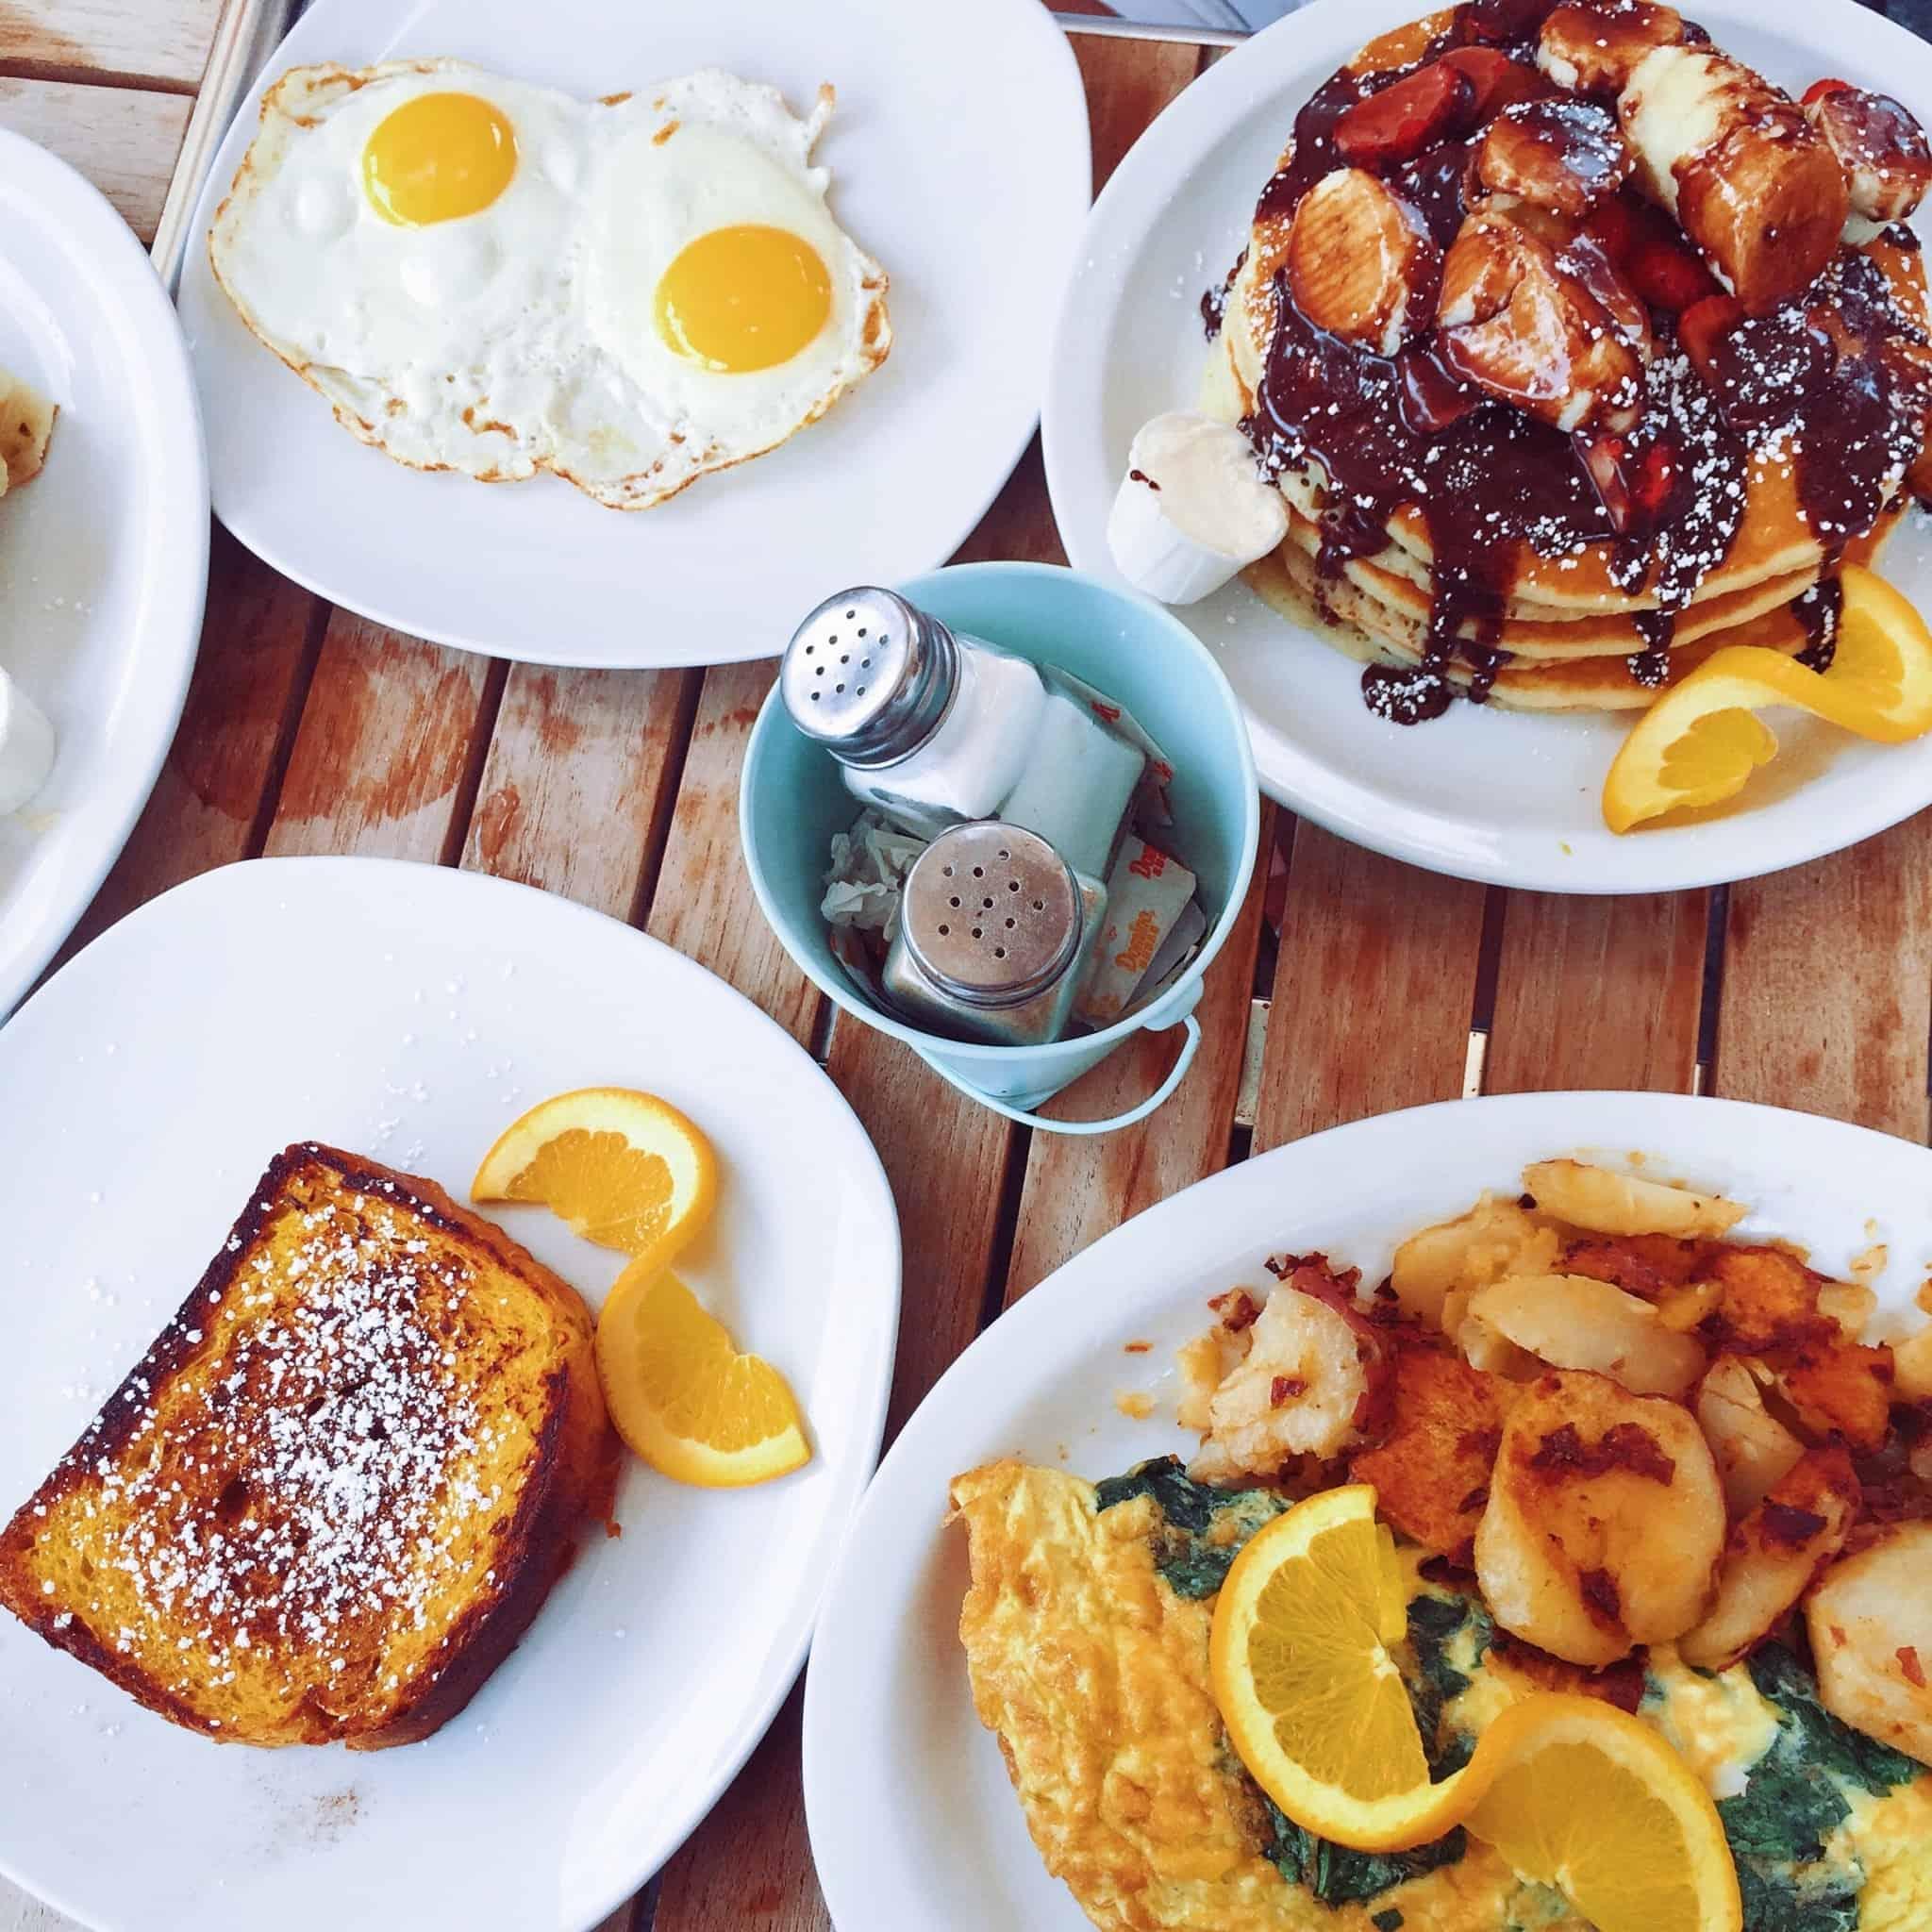 pequeno almoço com french toast panquecas e ovos estrelados